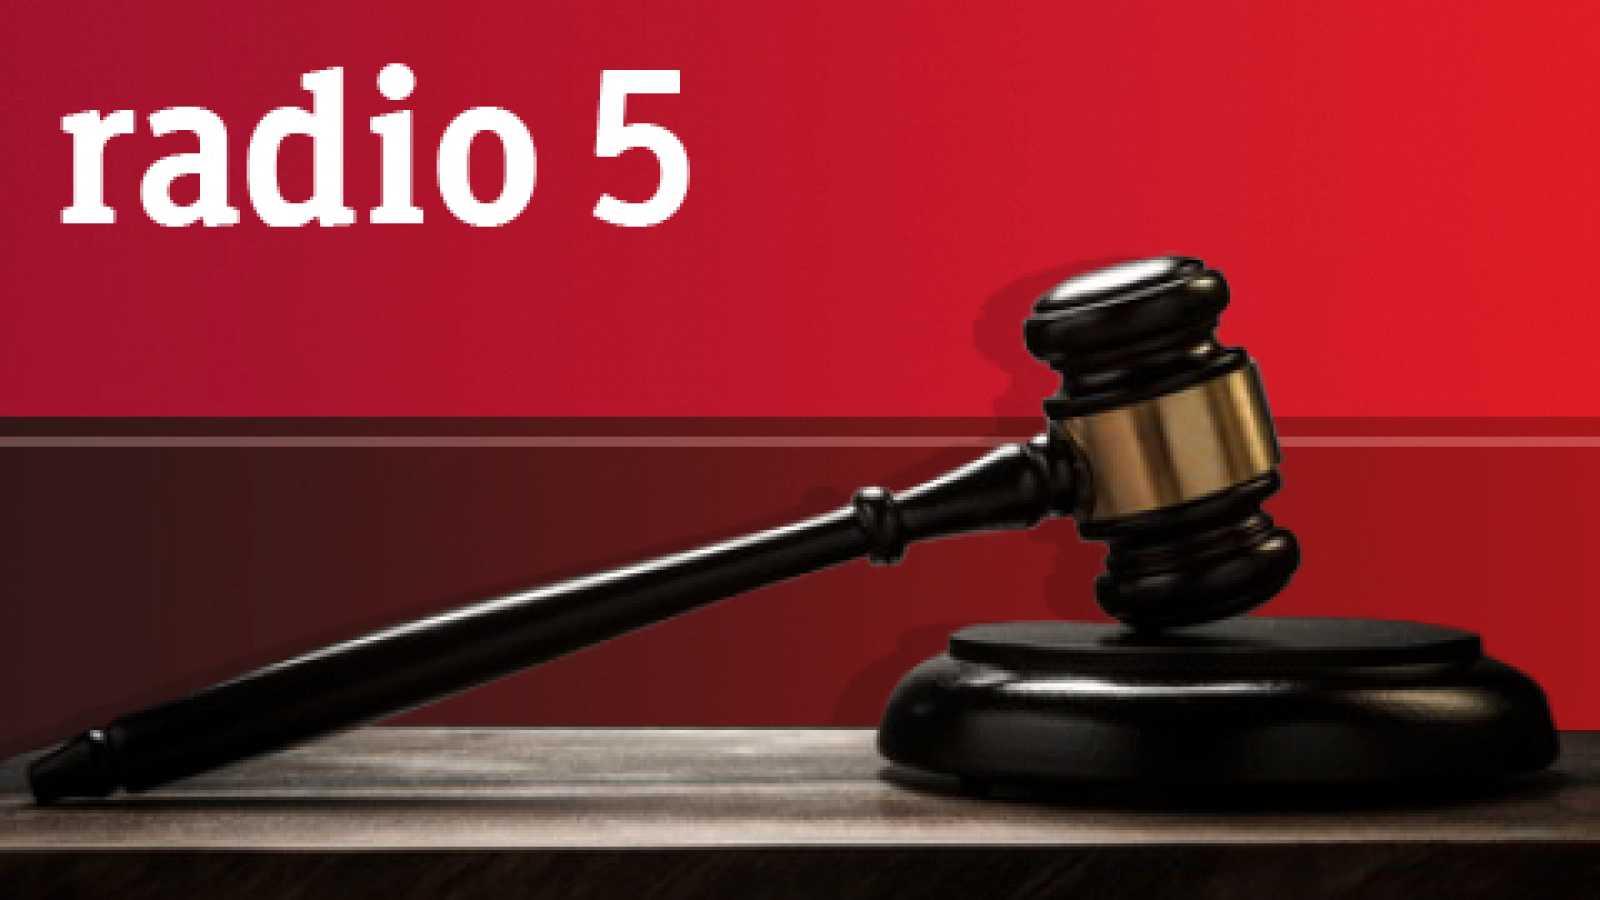 La ley es la ley - ¿Qué espacios marinos reconoce el Derecho Internacional? - 04/07/18 - escuchar ahora